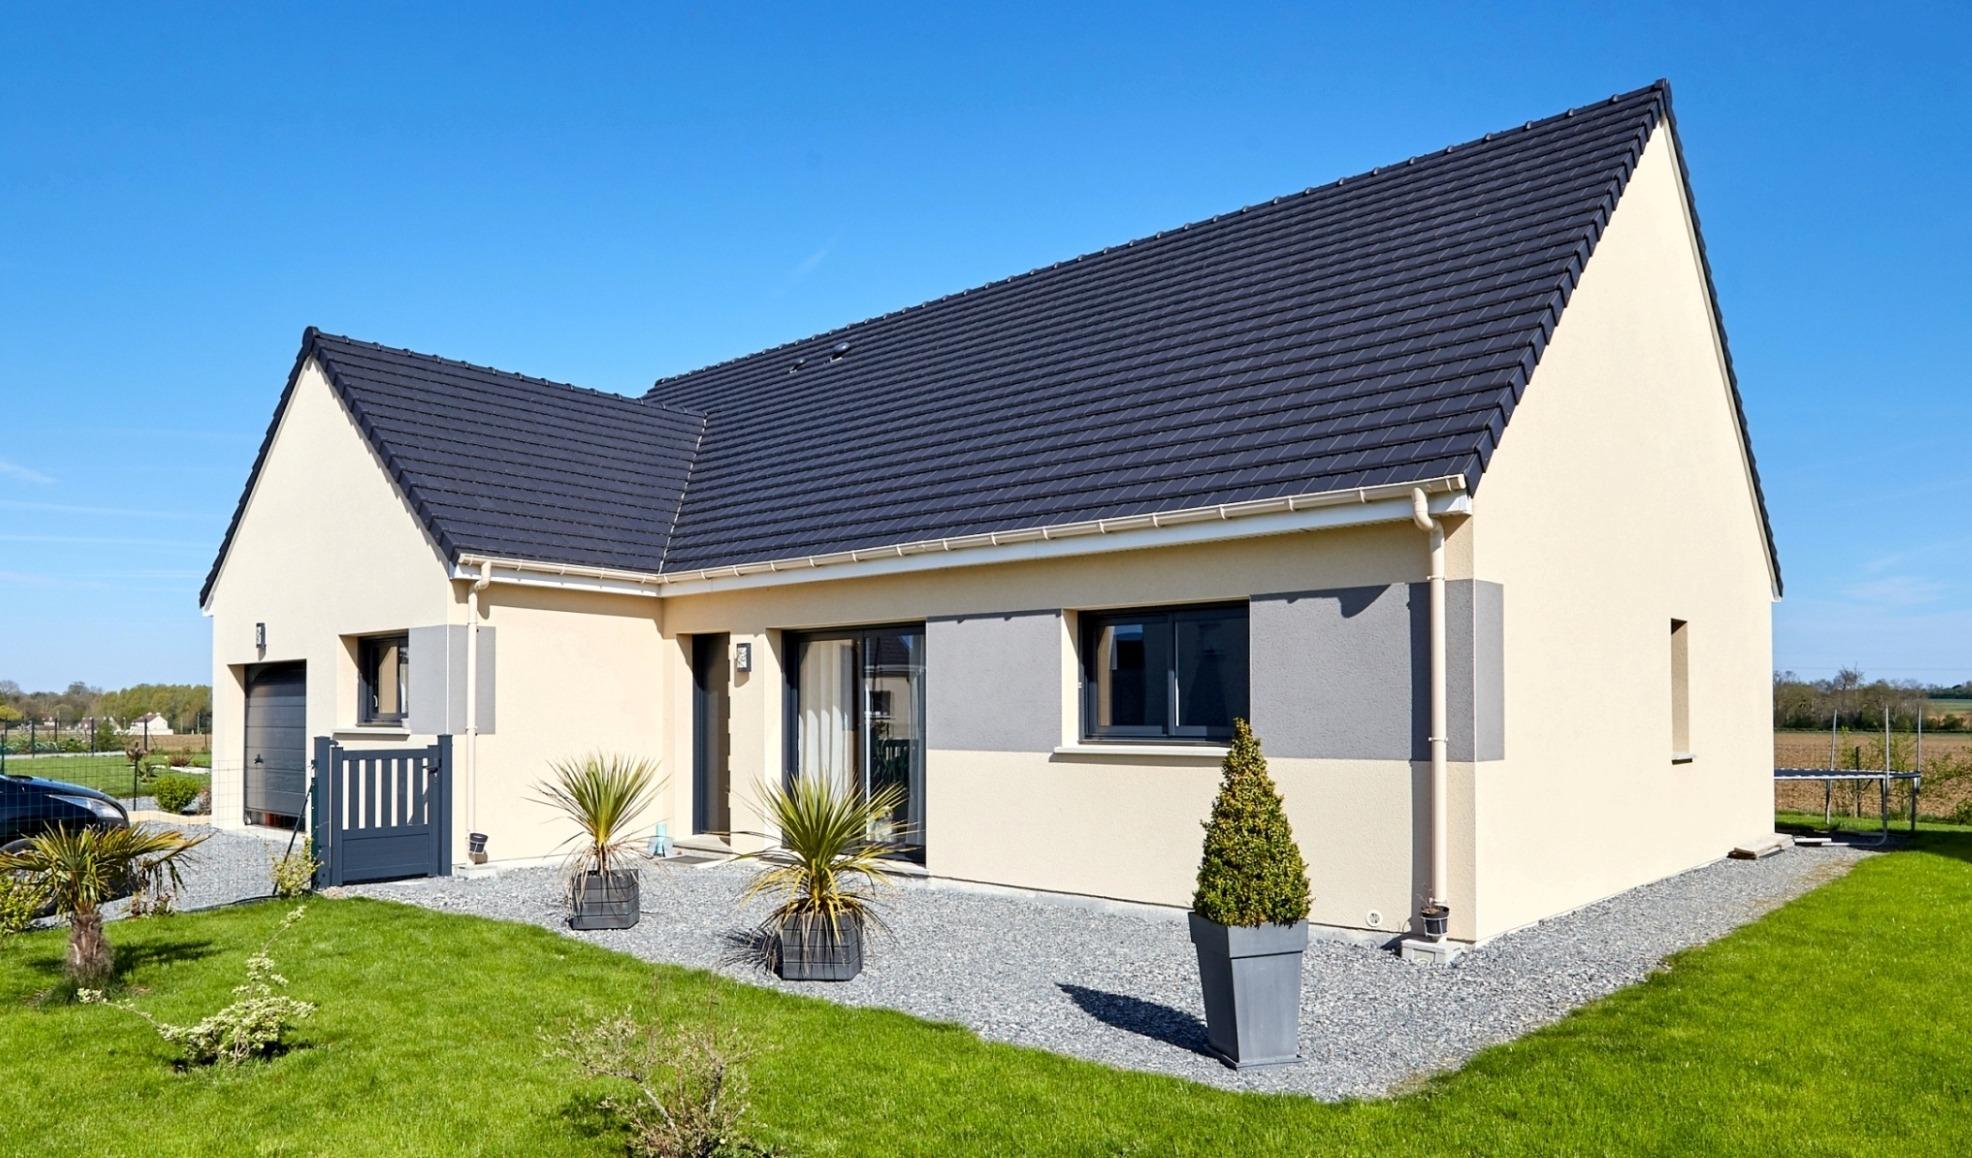 Maisons + Terrains du constructeur MAISON FAMILIALE • 110 m² • LEFOREST